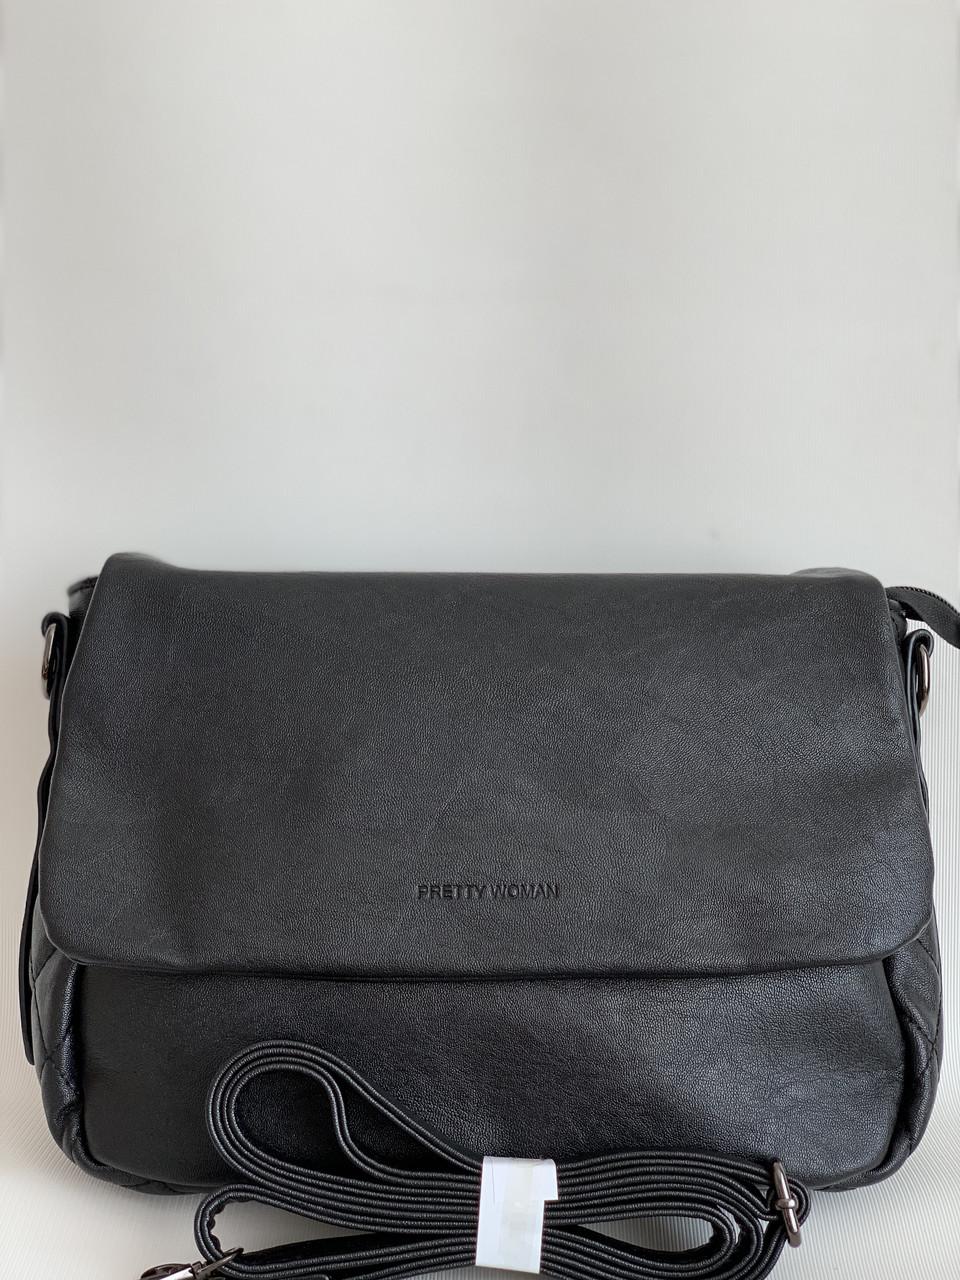 Женская наплечная сумка Pretty woman черная